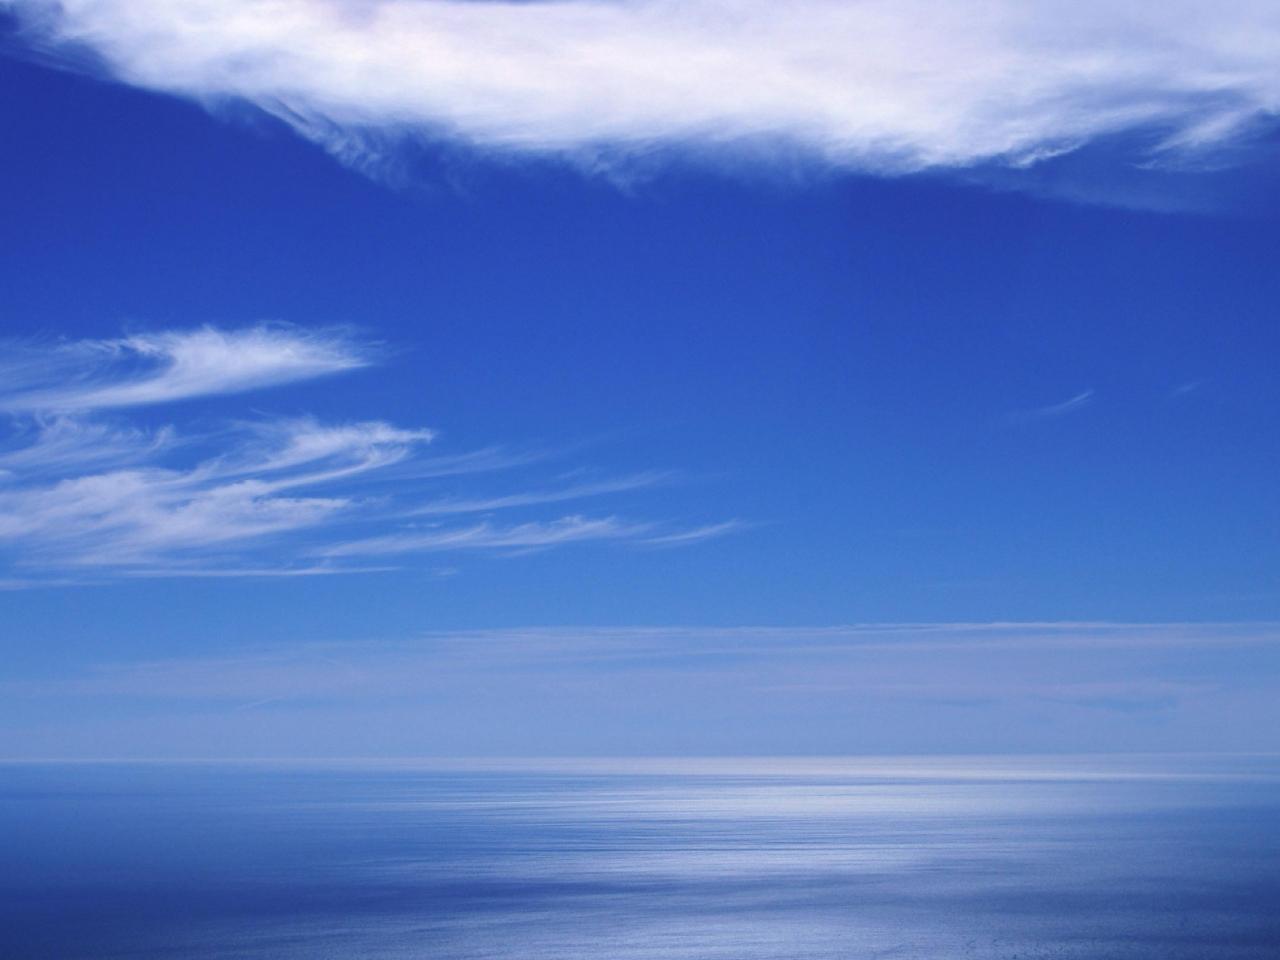 Cielo azul en el horizonte - 1280x960